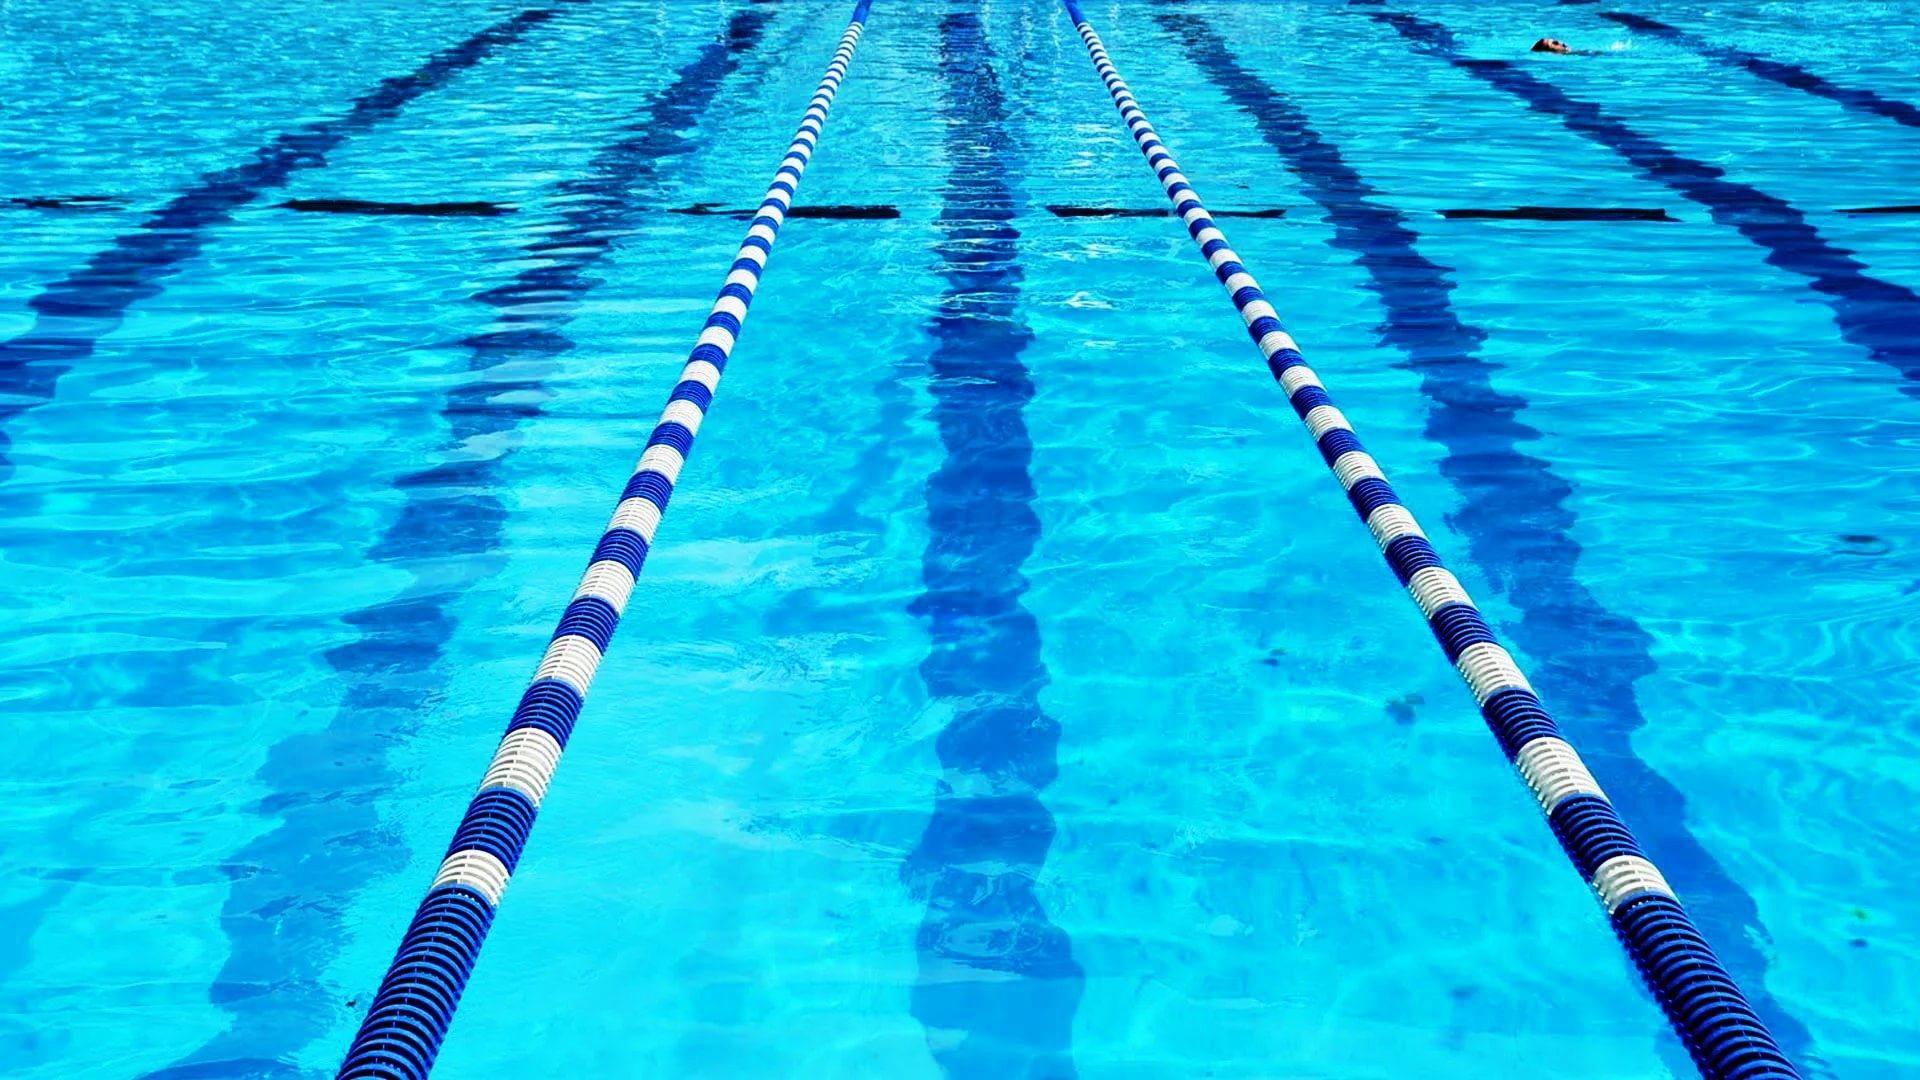 виды и стили плавания